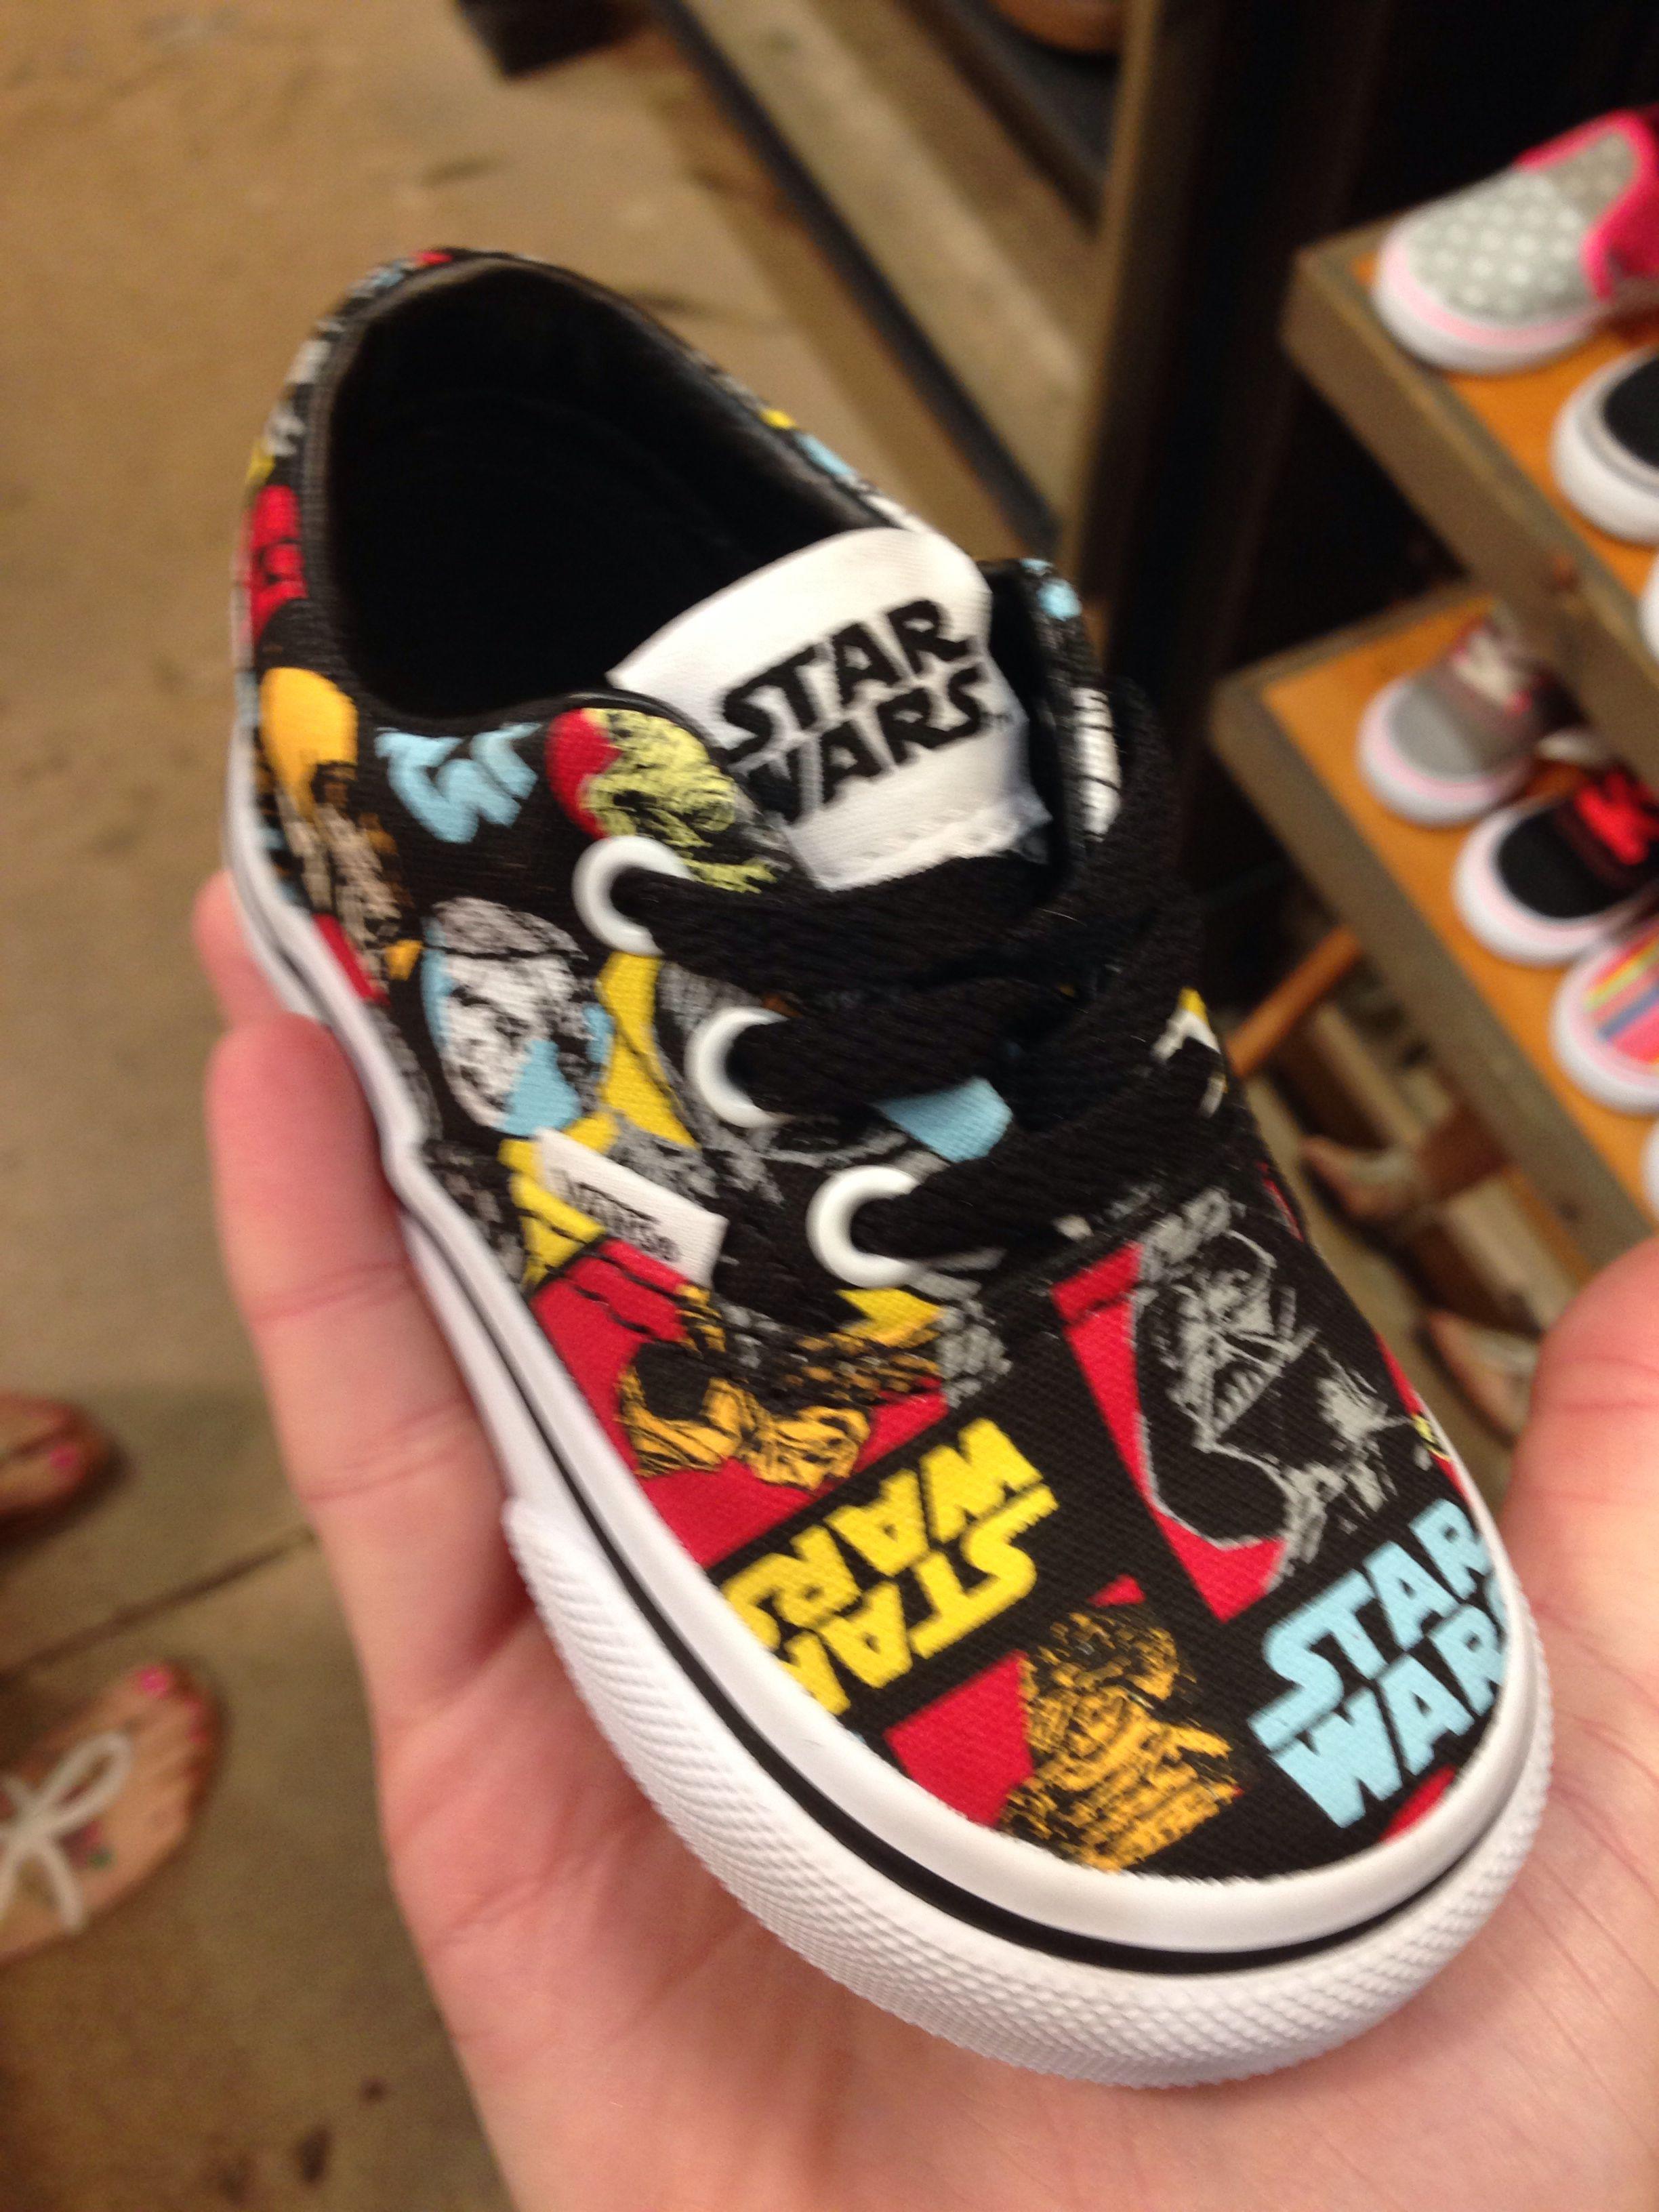 Star Wars Vans for kids too cute